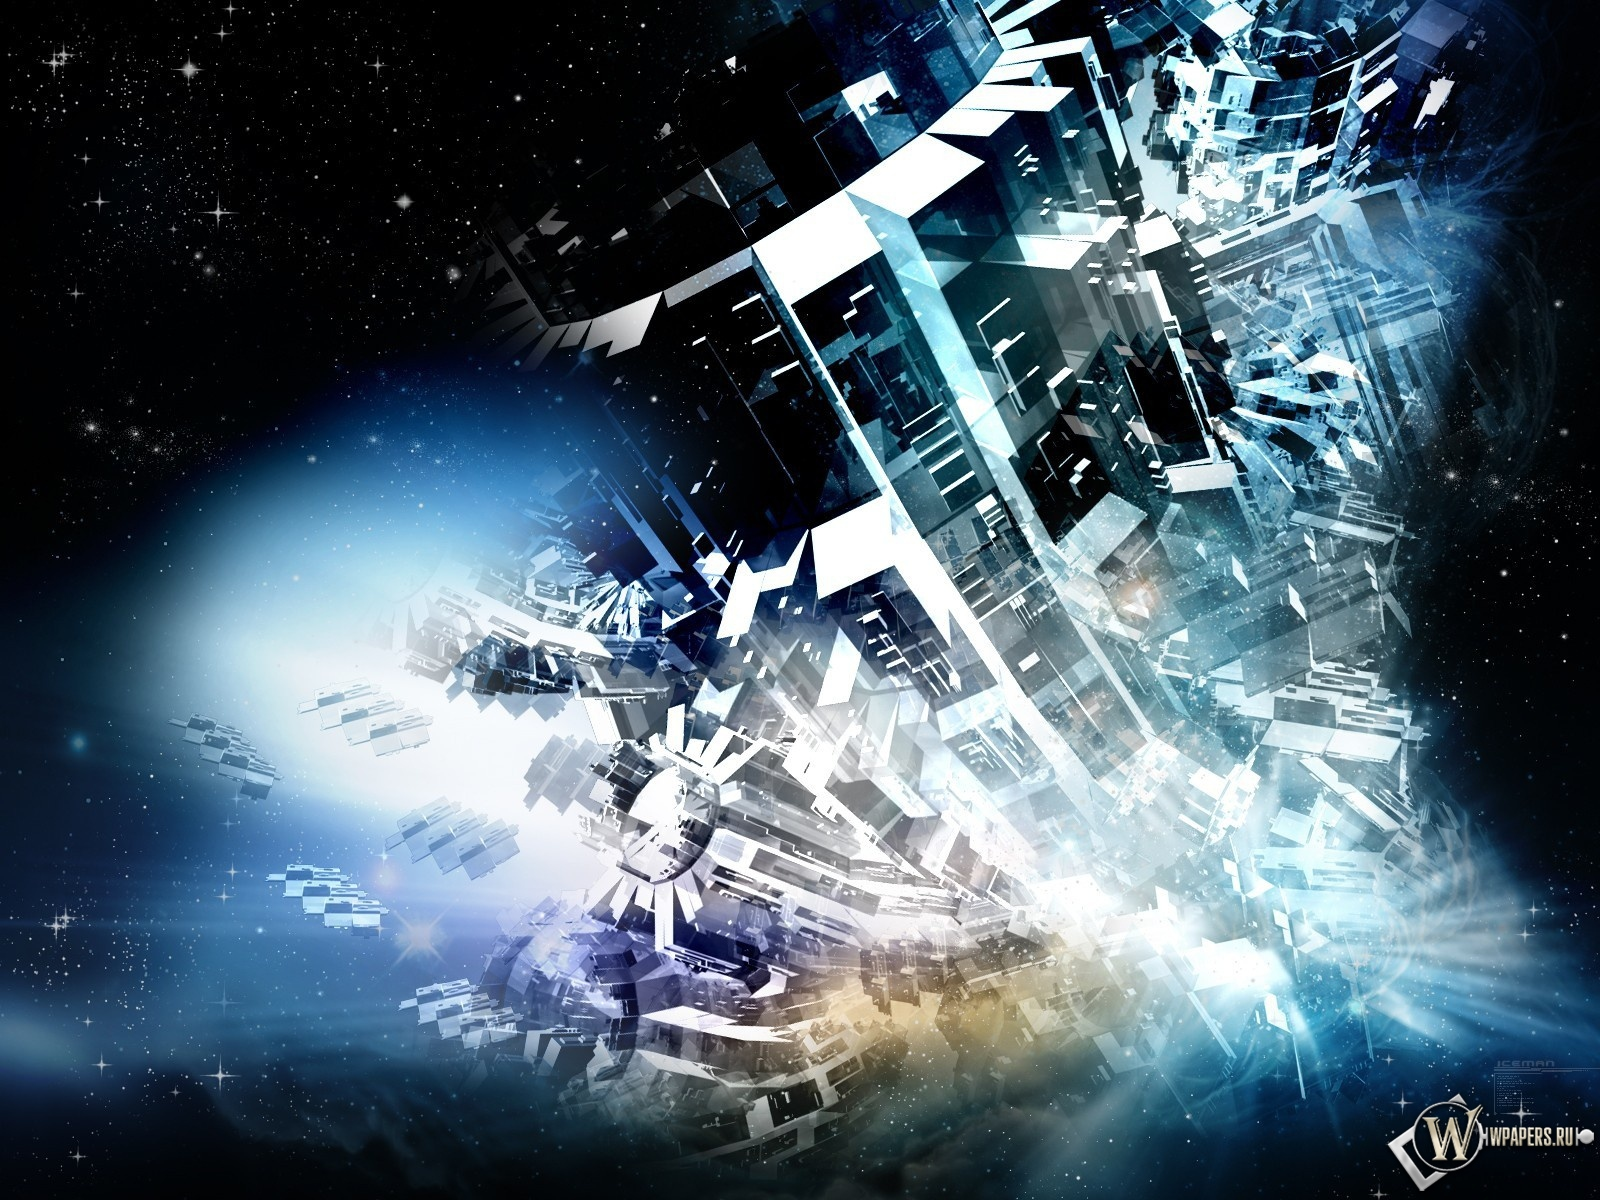 Космическая абстракция 1600x1200